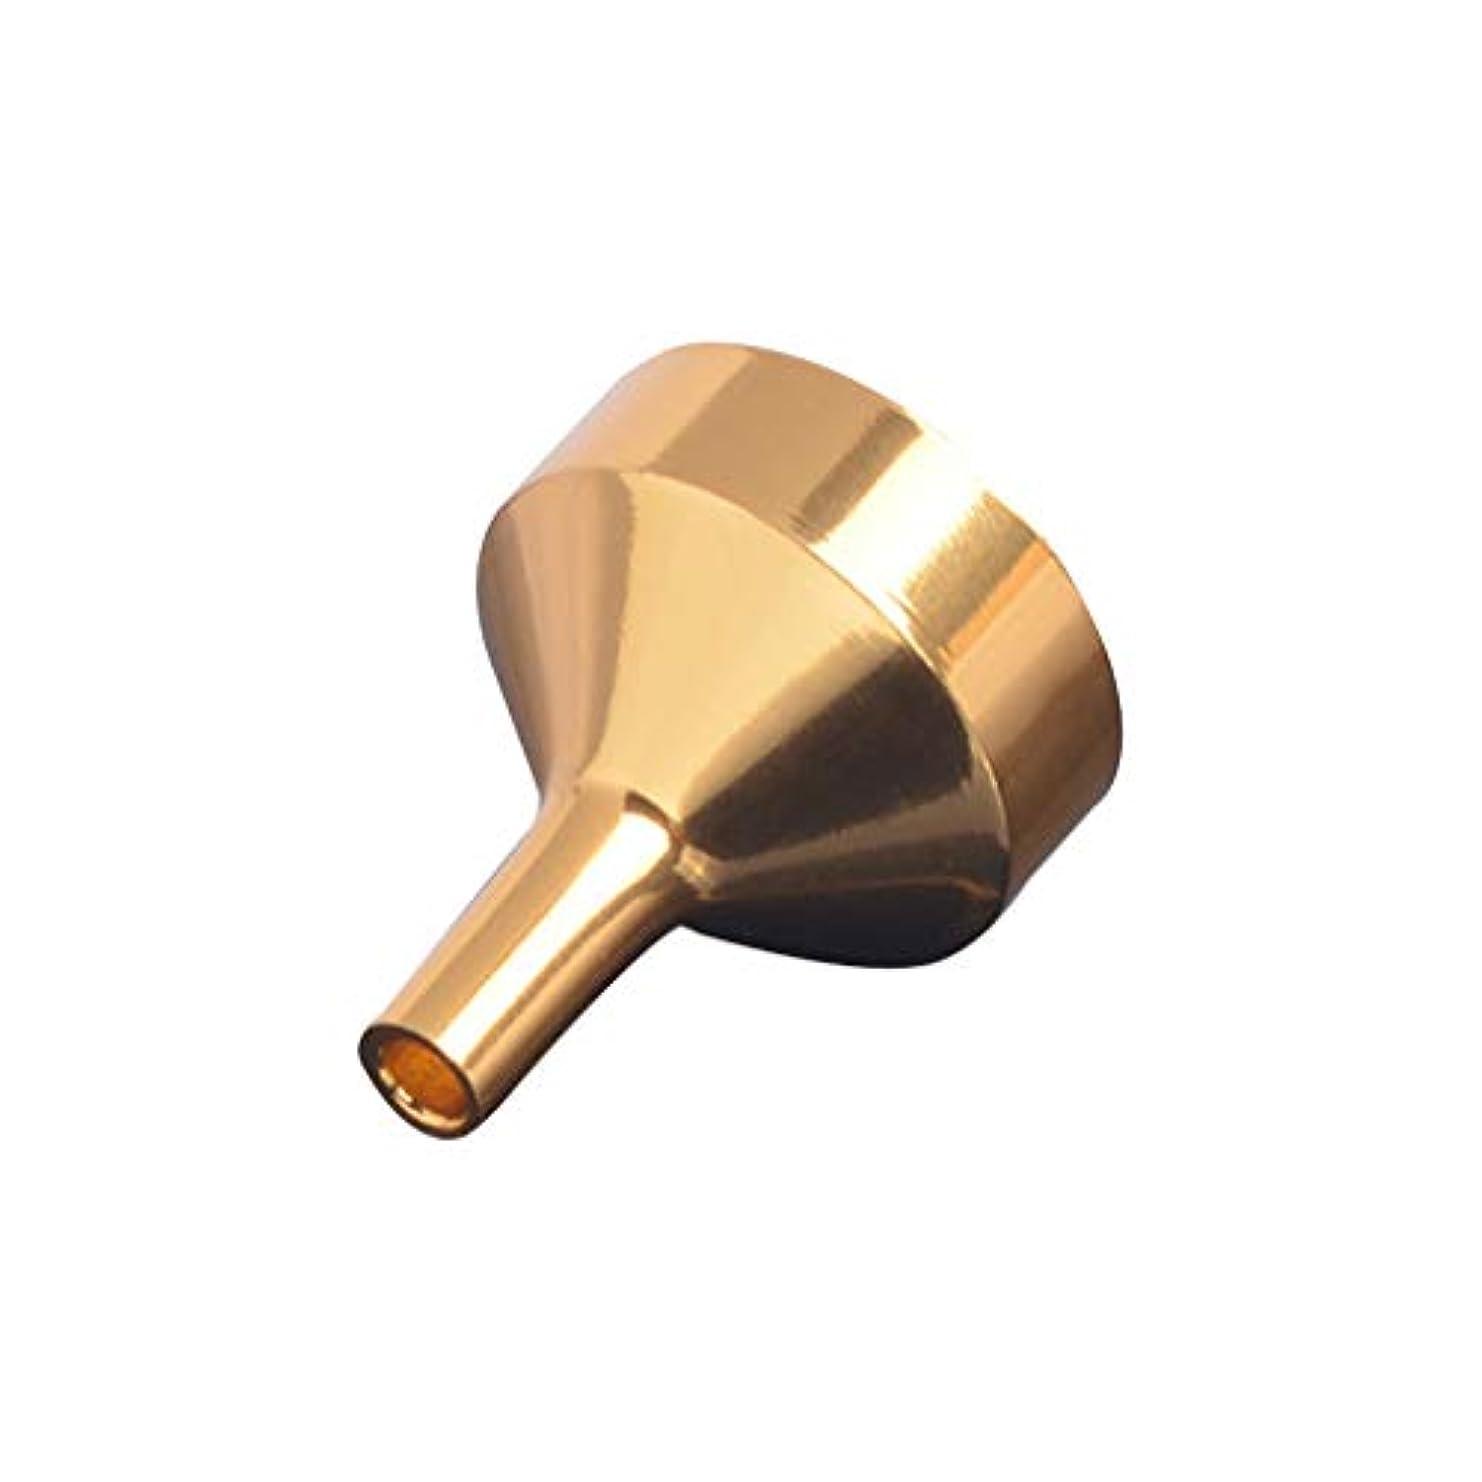 旧正月逃れる薄めるCICIAOミニ液体漏斗オイルホッパー充填ツール用香水ディフューザーボトルワインポットコンテナー香水漏斗金属ゴールド